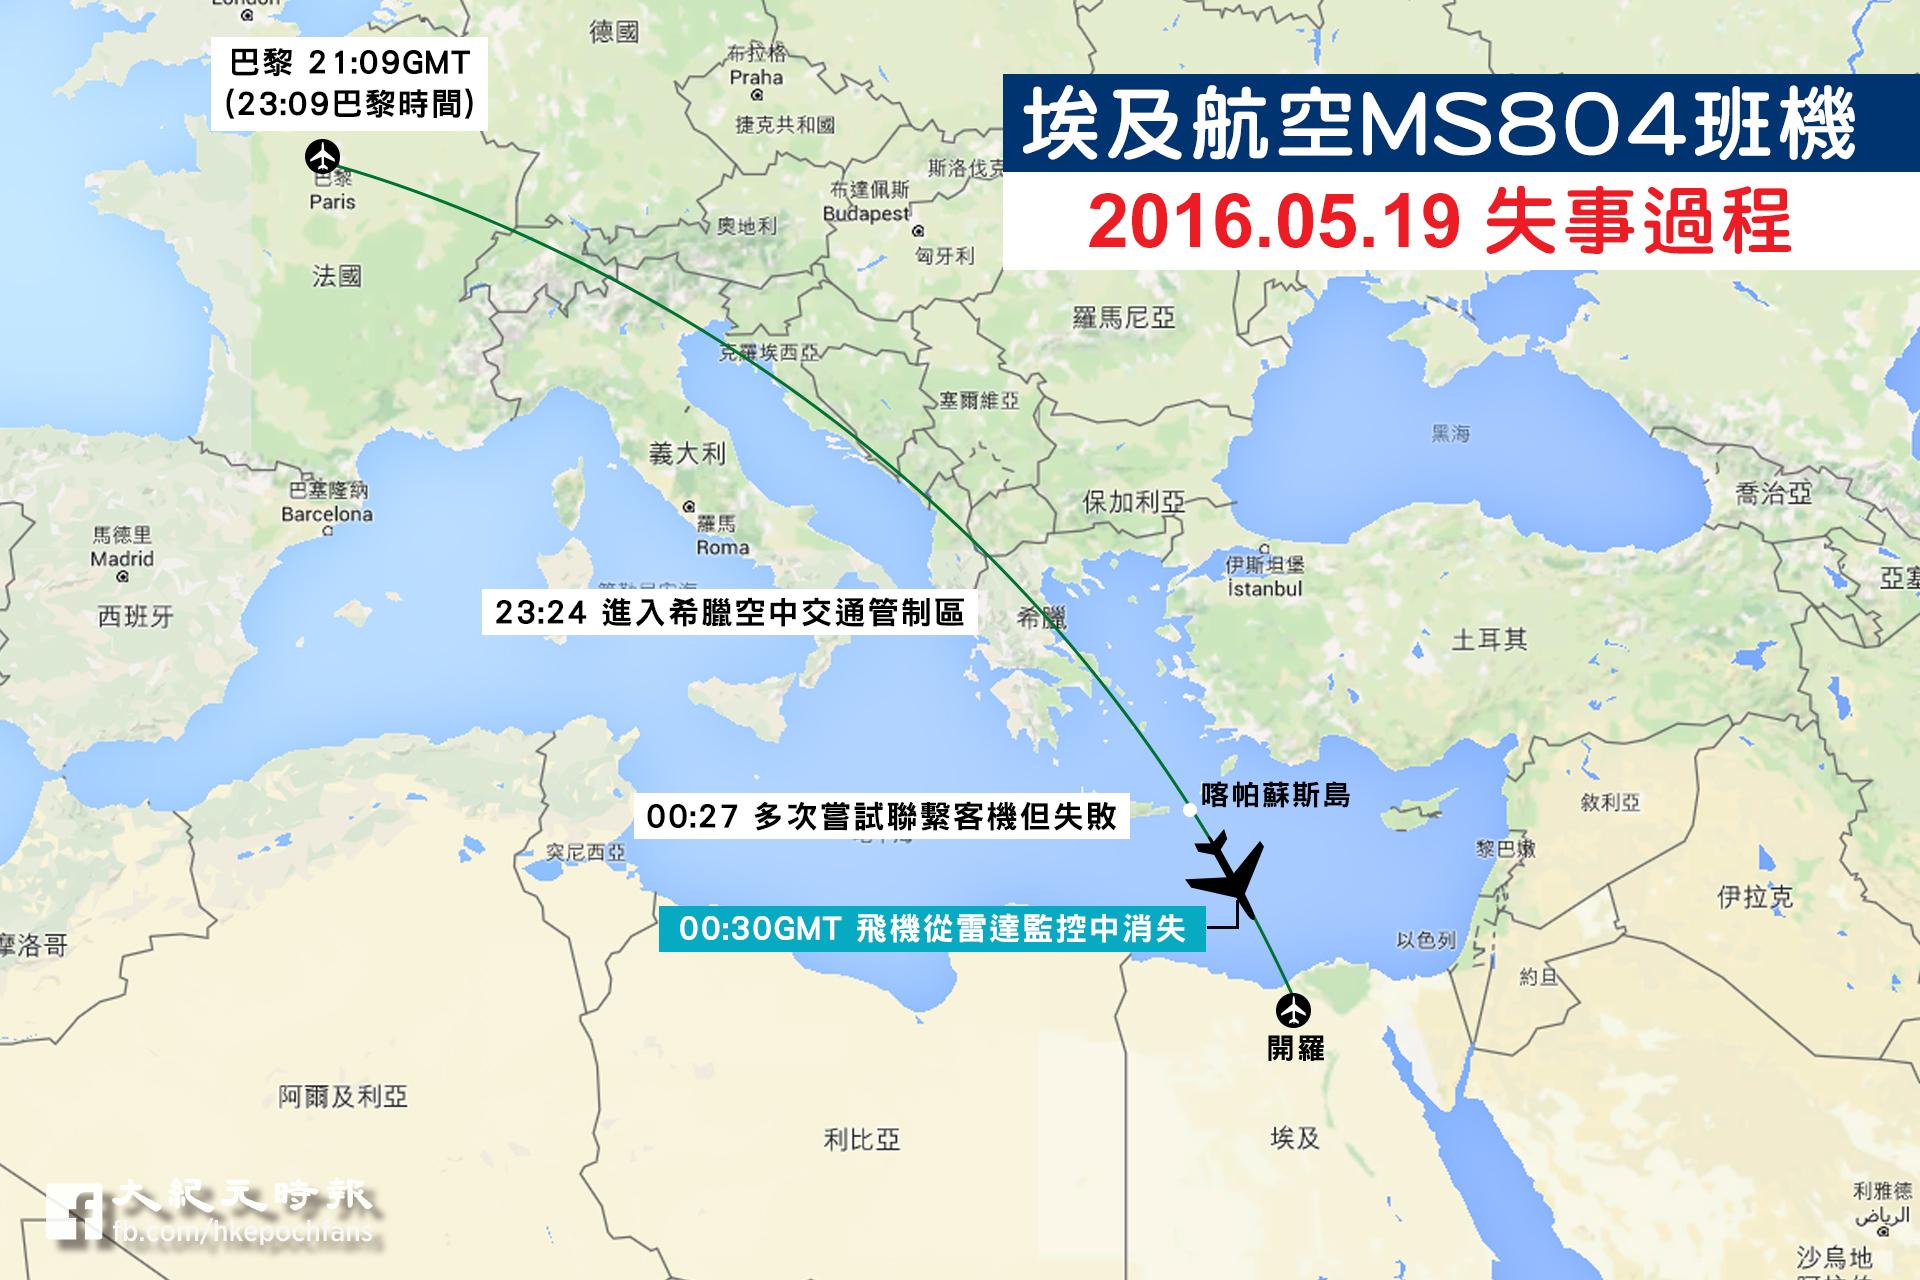 埃及航空MS804班機在今年5月19日的失事過程。(大紀元製圖)